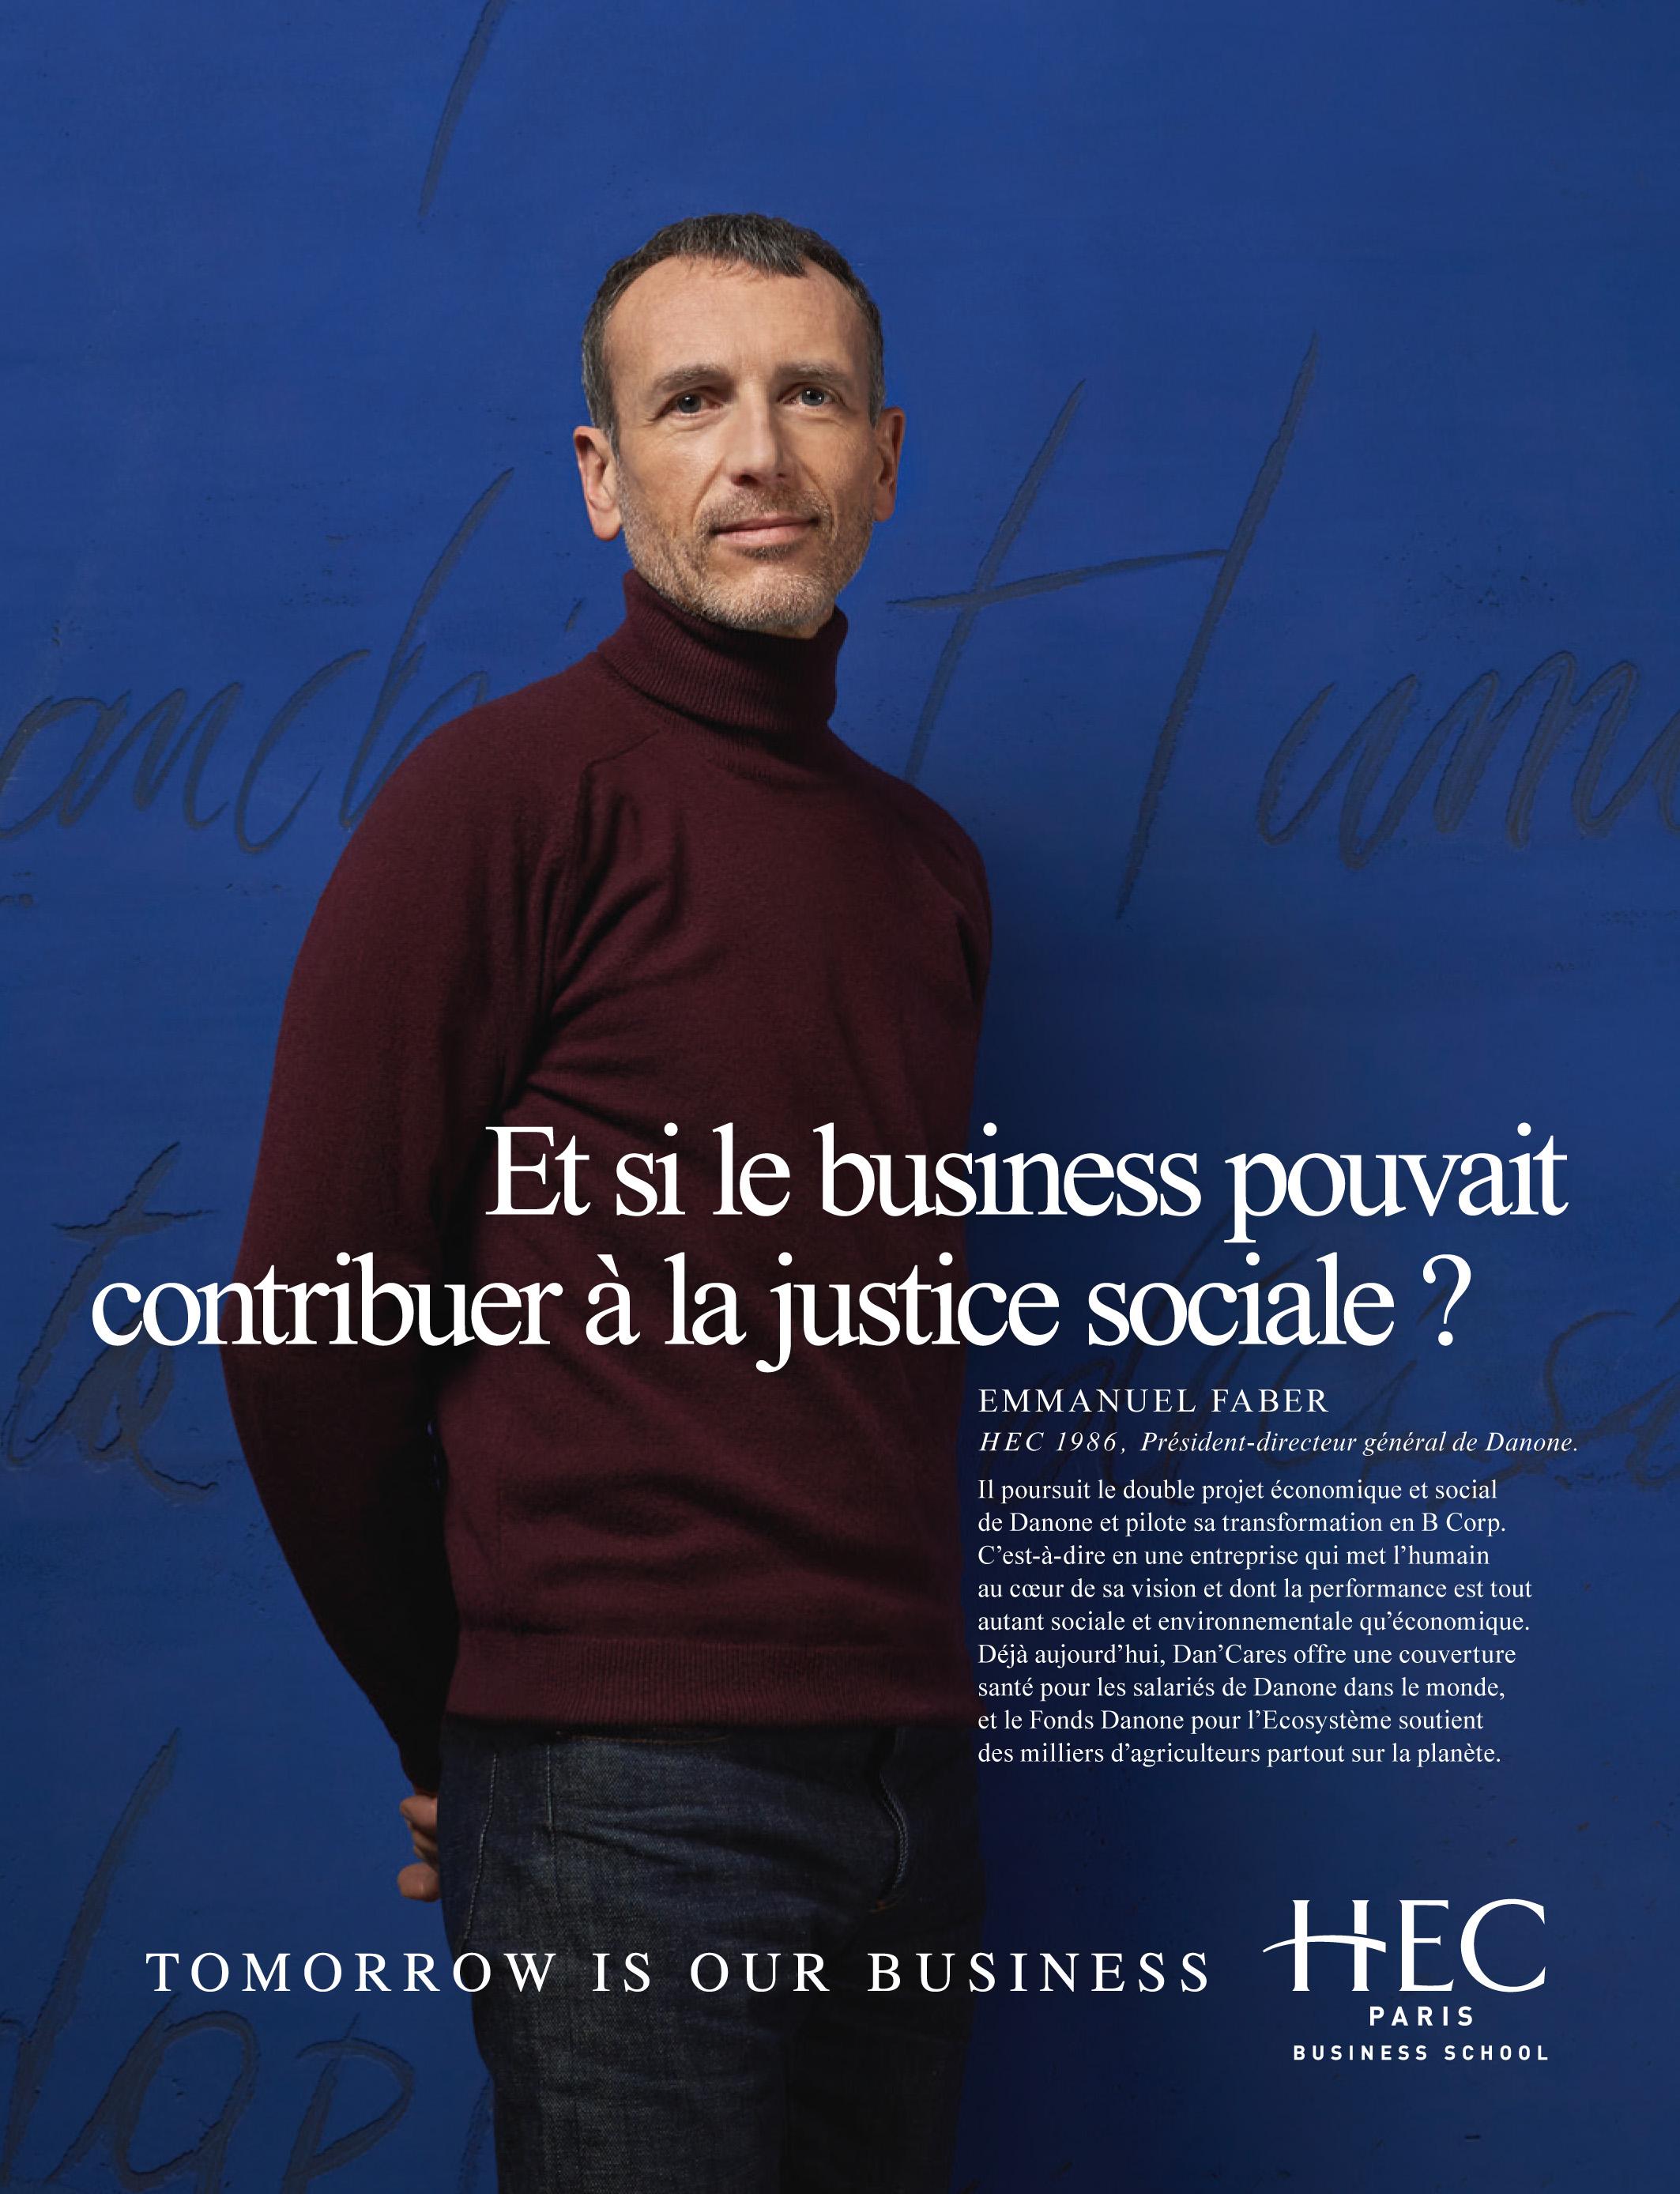 Et si le business pouvait contribuer à la justice sociale?